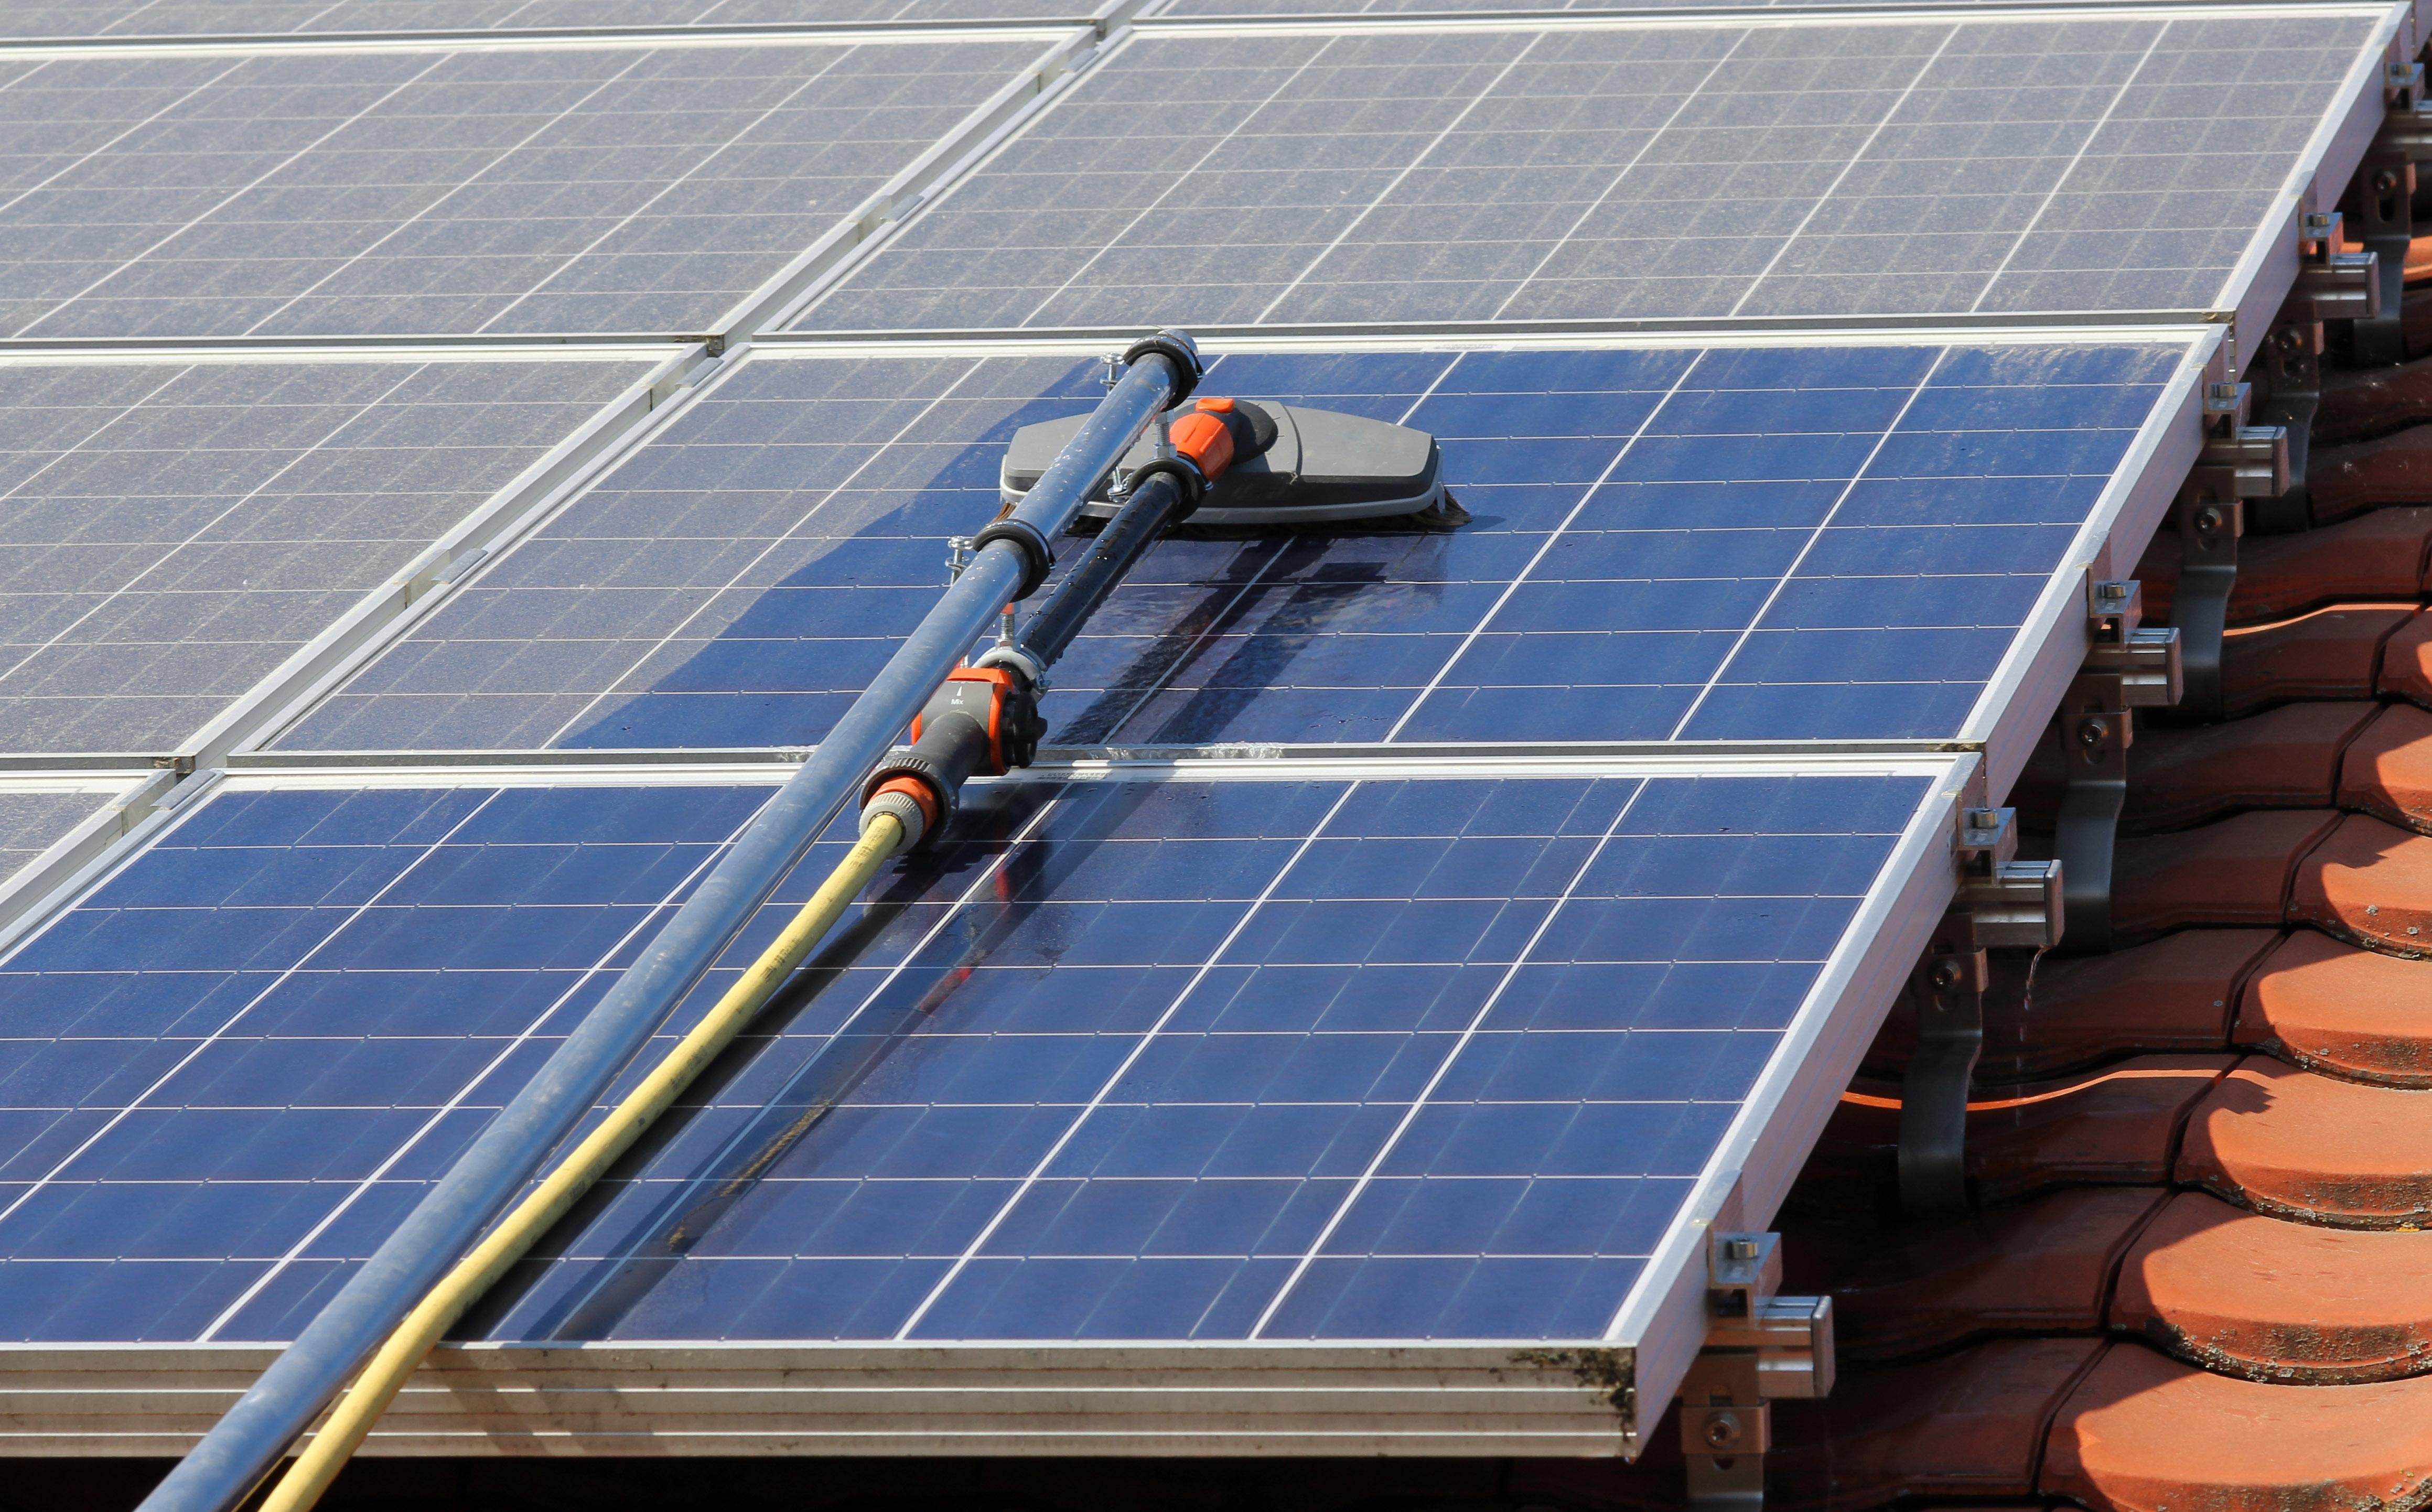 Czyszczenie kolektorów słonecznych